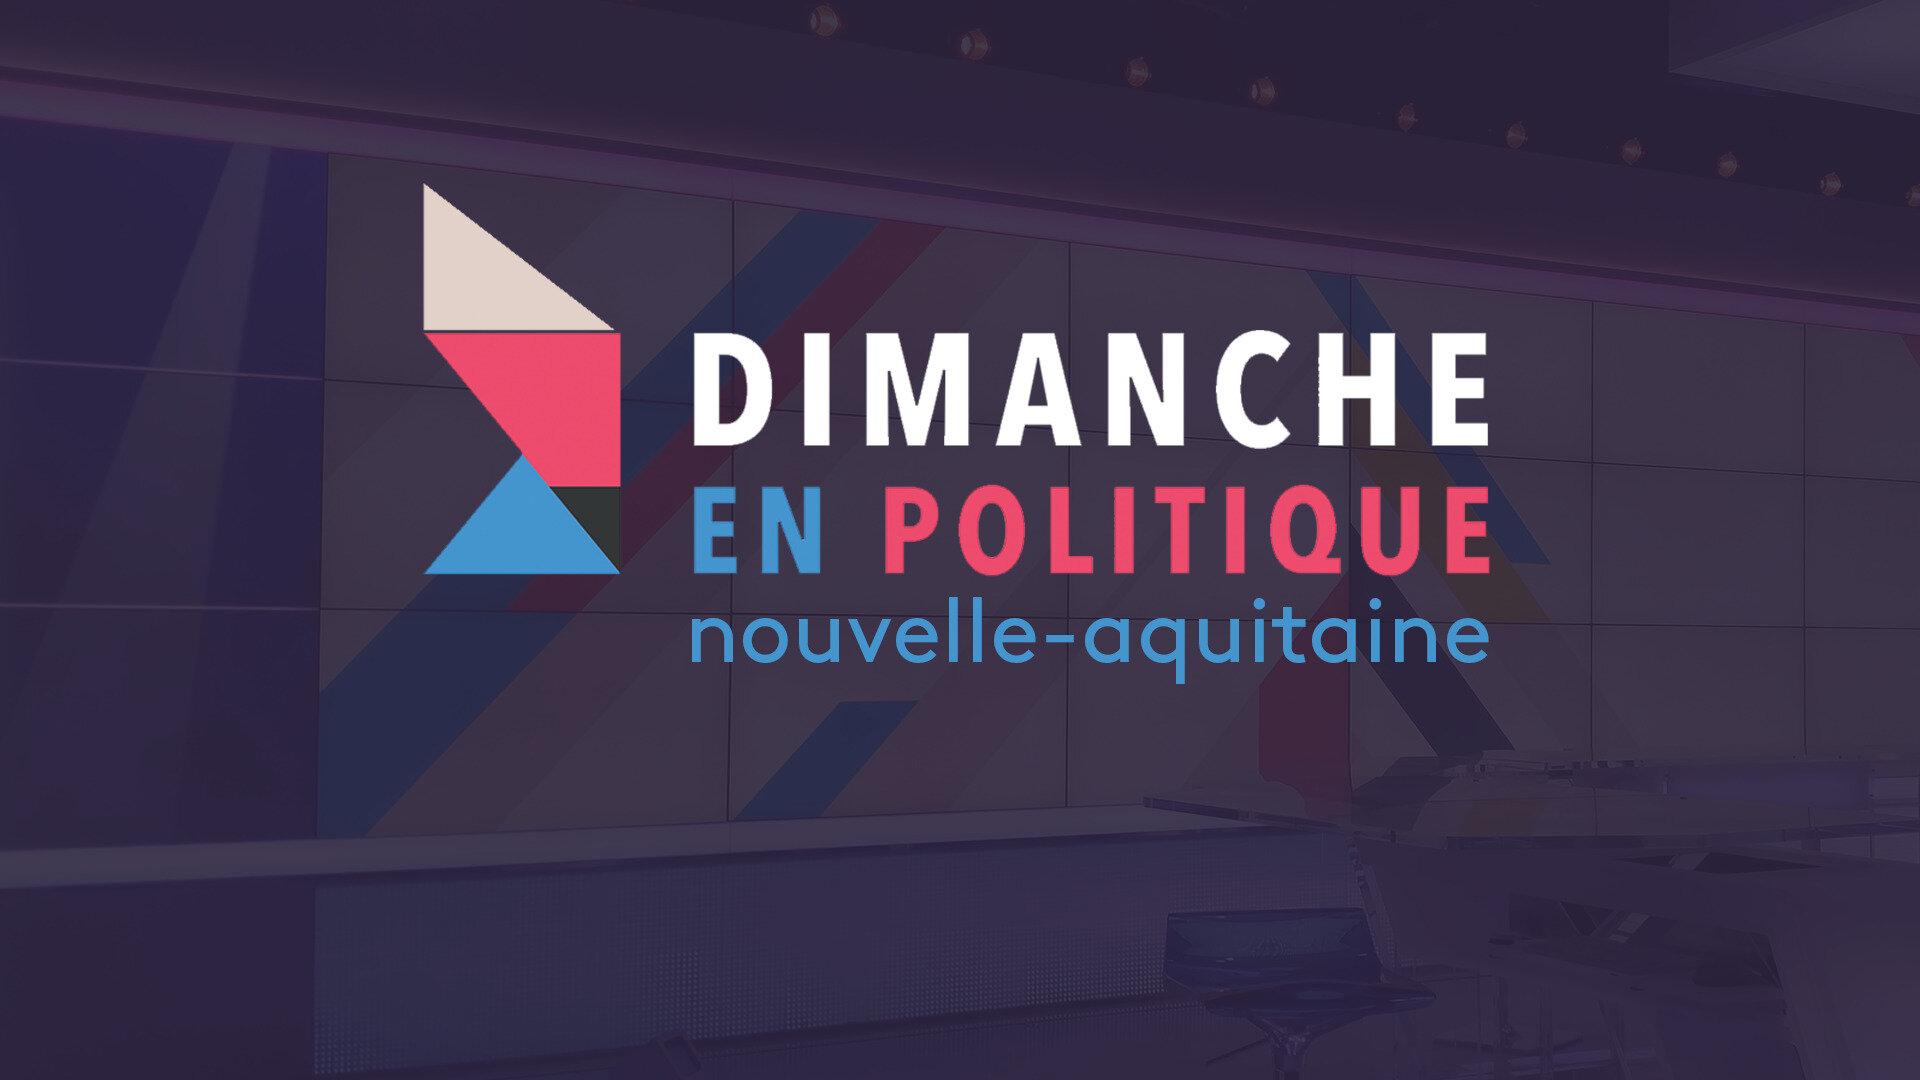 Dimanche en politique - Nouvelle-Aquitaine : Culture et festivals, quelles perspectives pour la saison estivale